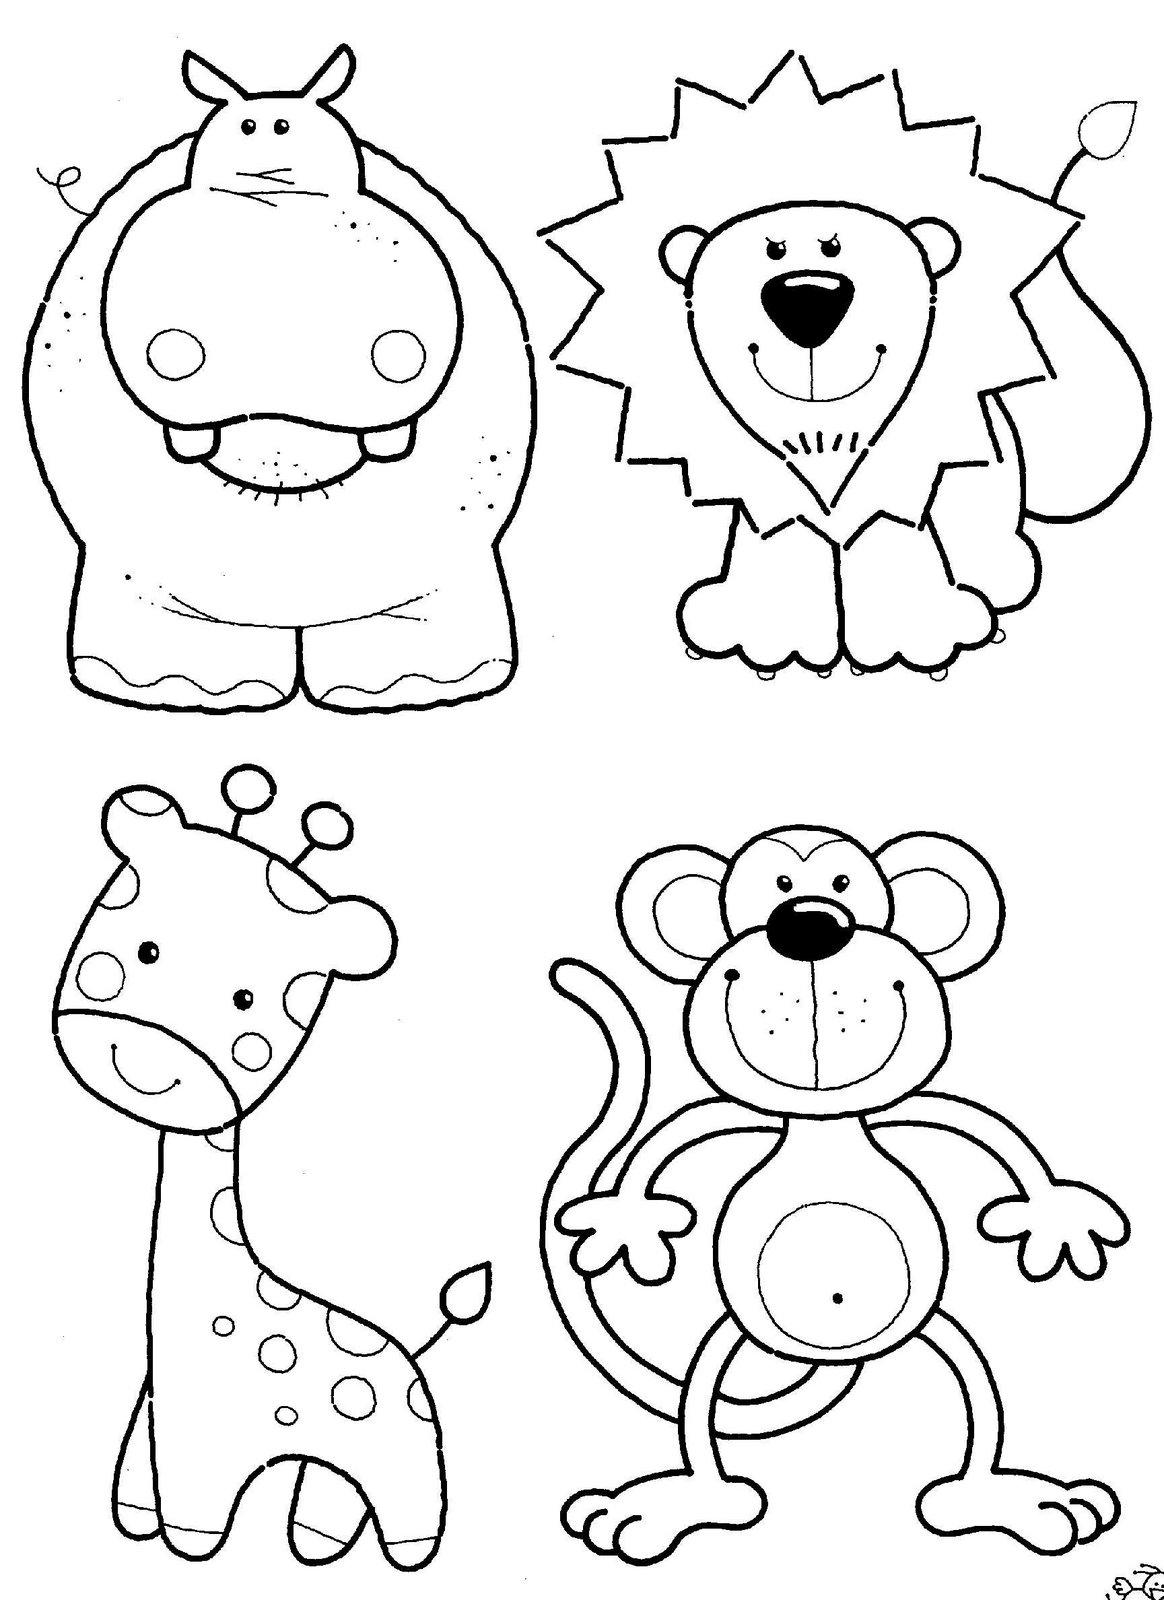 Ideas y Dibujos de Manualidades***: HIPOPOTAMO LEON Y MONOS